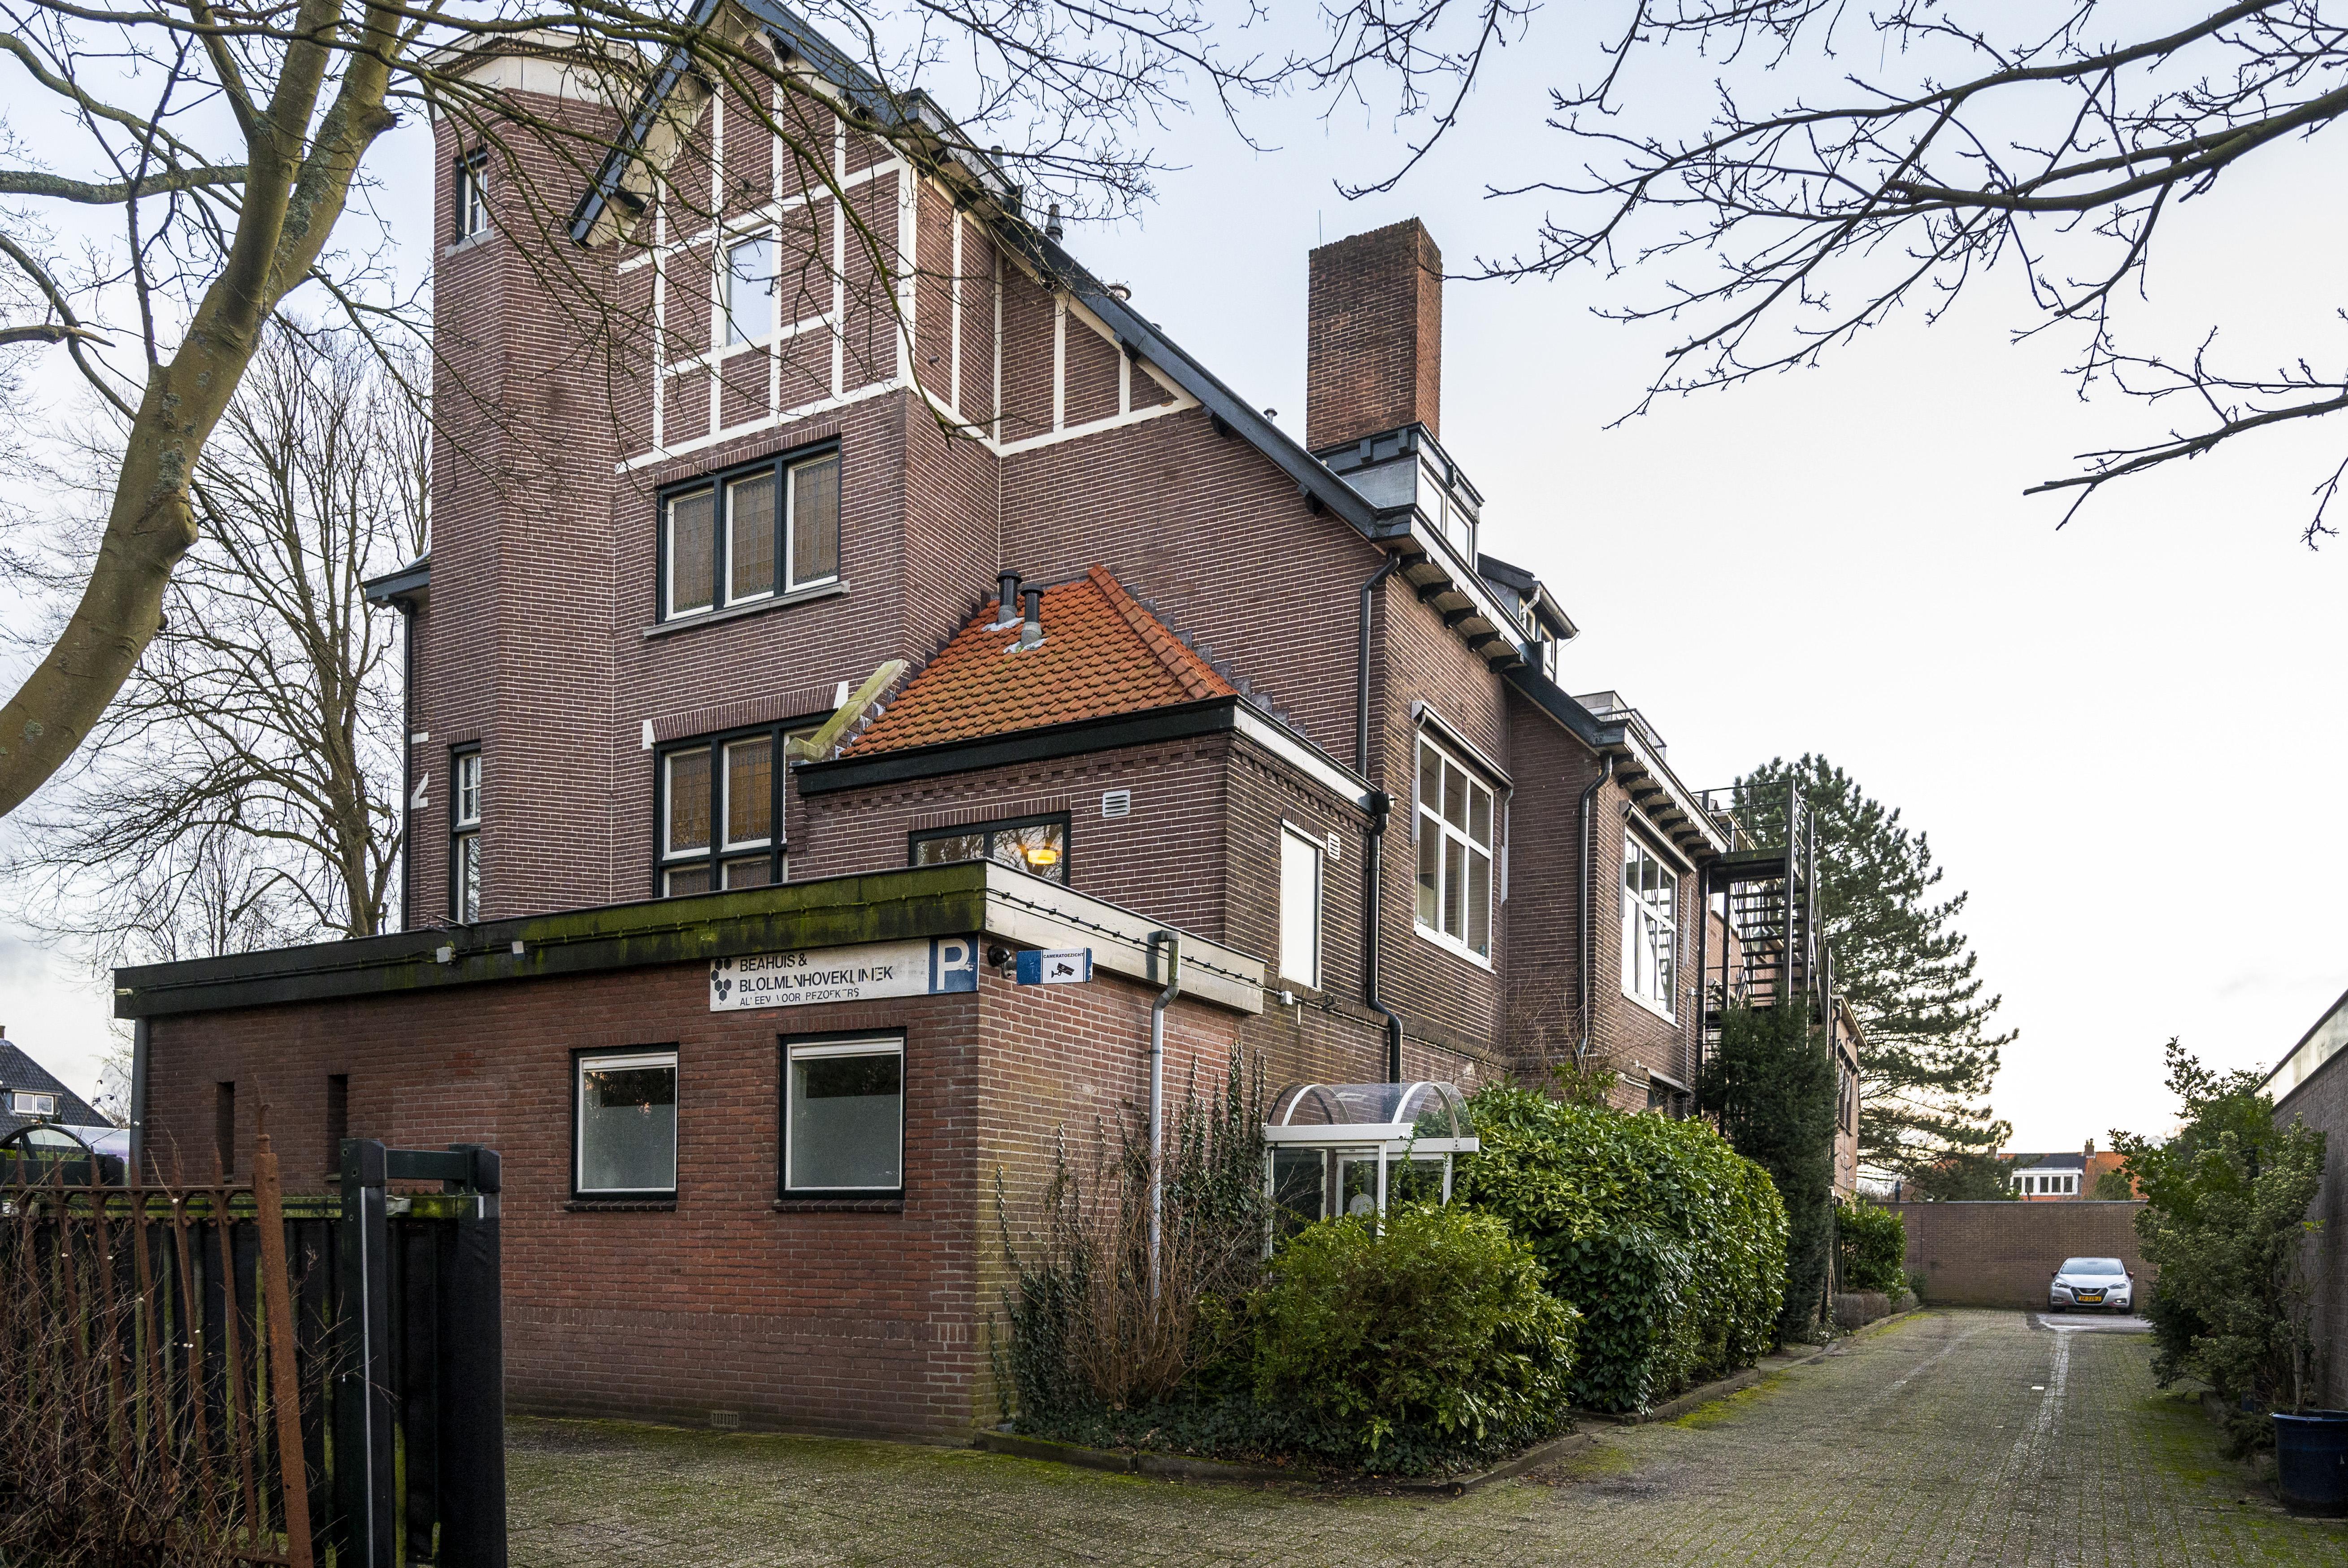 Opmerkelijke besluit van Haarlems burgemeester Wienen over abortuskliniek: eerst onderzoek met ambtenaren als lokaas voor demonstranten, uiteindelijk geen bufferzone